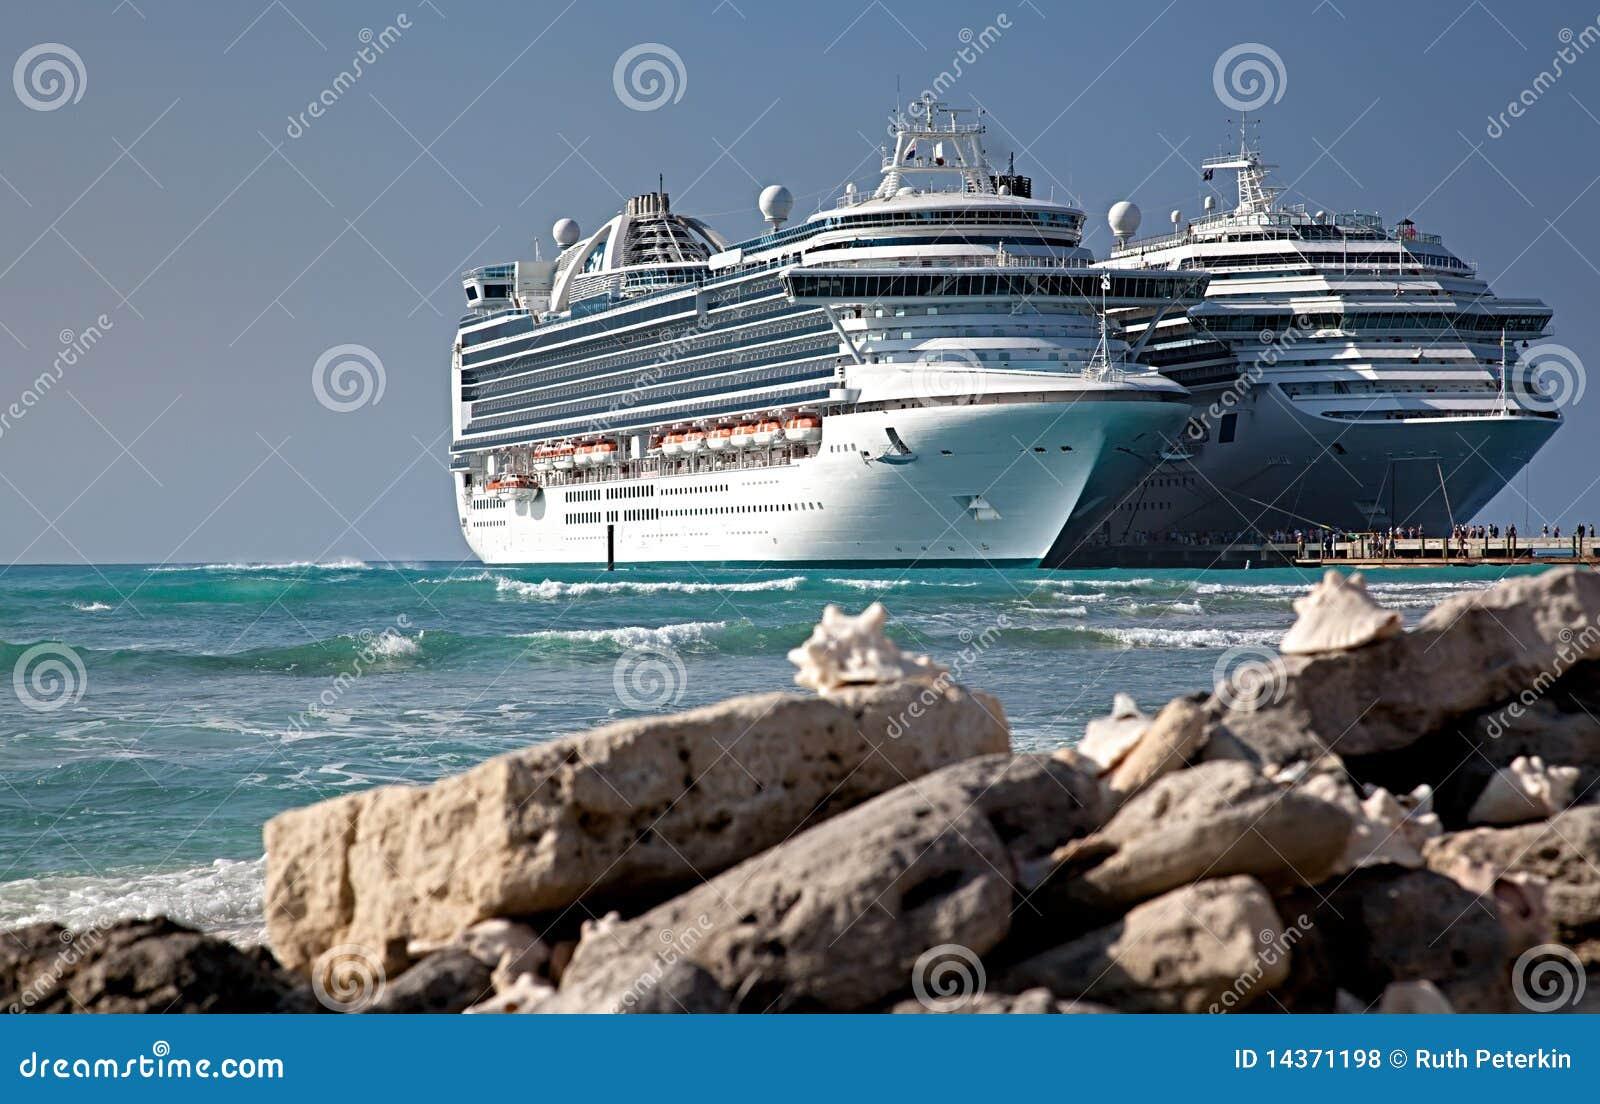 Dois navios de cruzeiros entrados